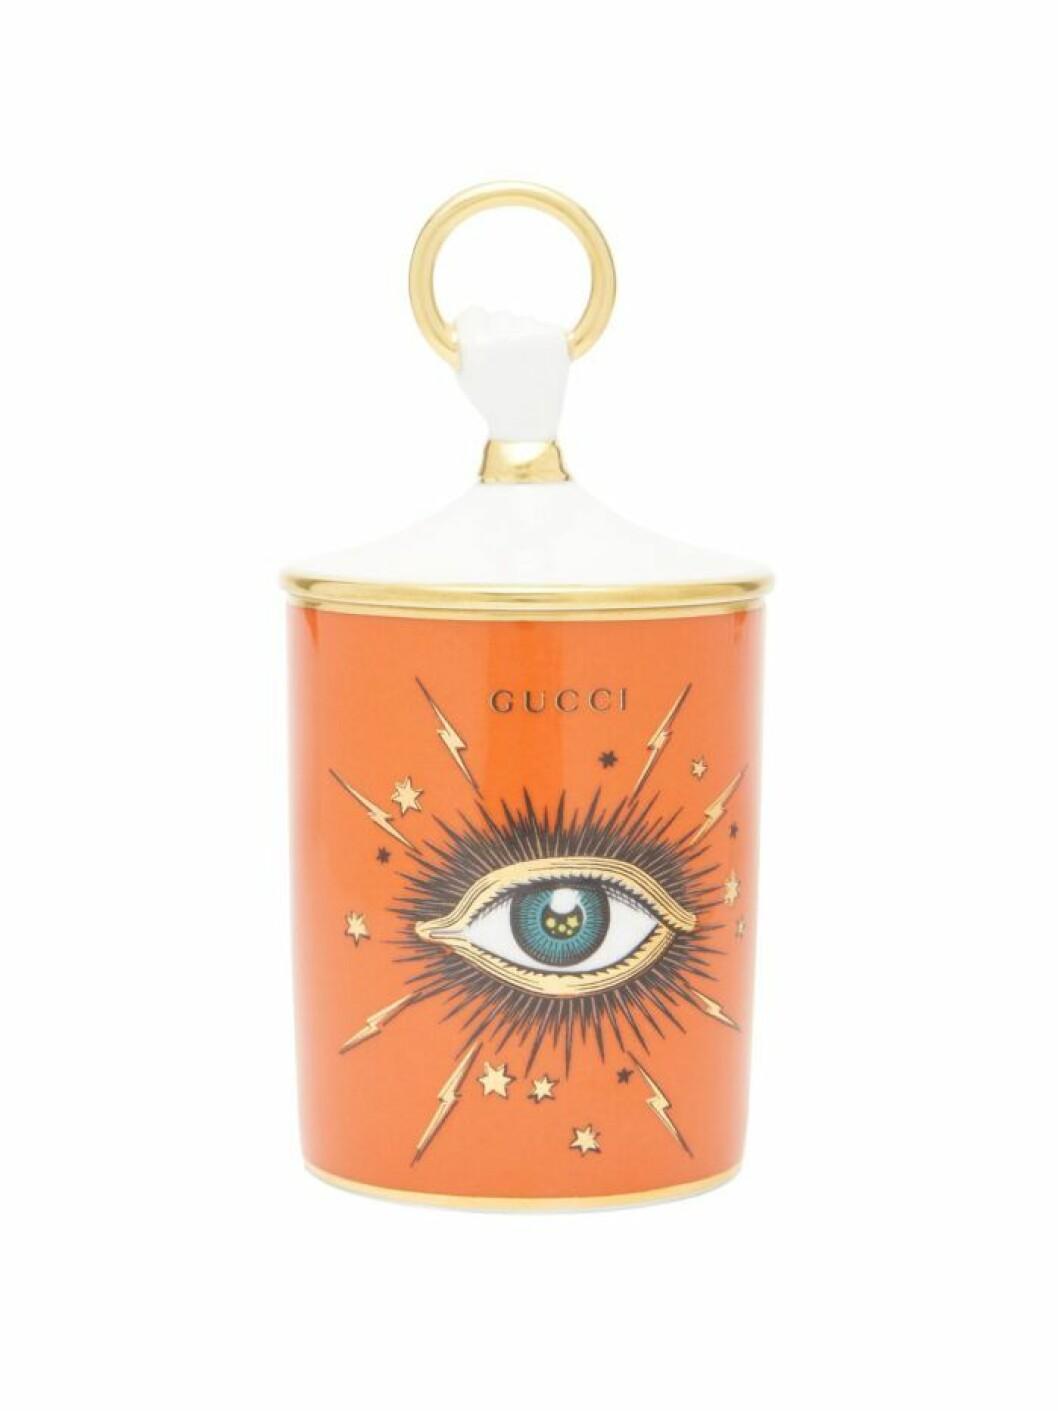 Lyxigt doftljus med en ikonisk ögonsymbol och vackert uttryck i orange från Gucci.